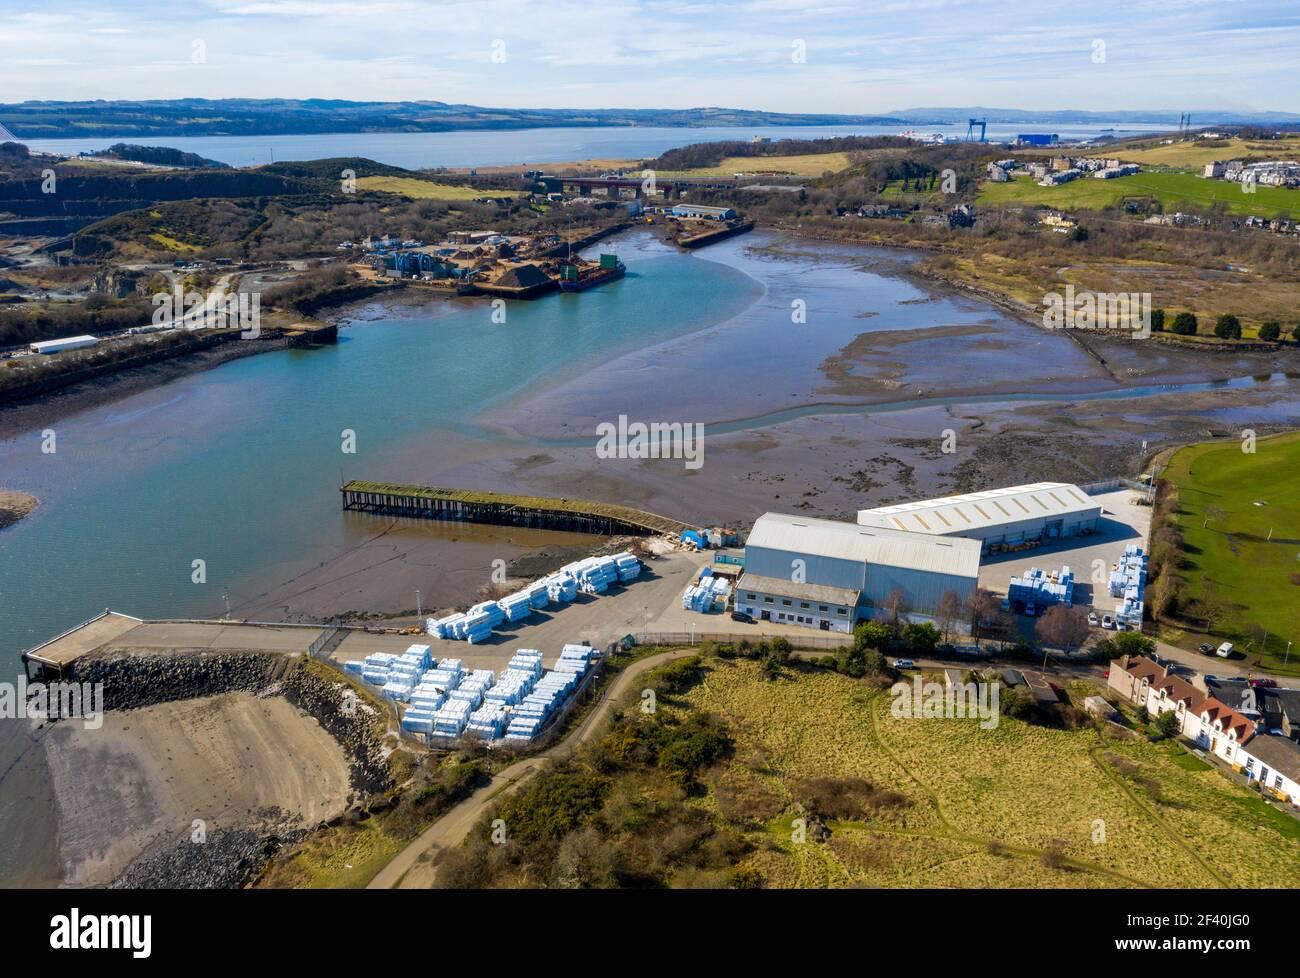 Luftaufnahme der Robertson Metals Recycling Werft, Inverkeithing Docks, Inverkeithing Fife, Schottland. Stockfoto